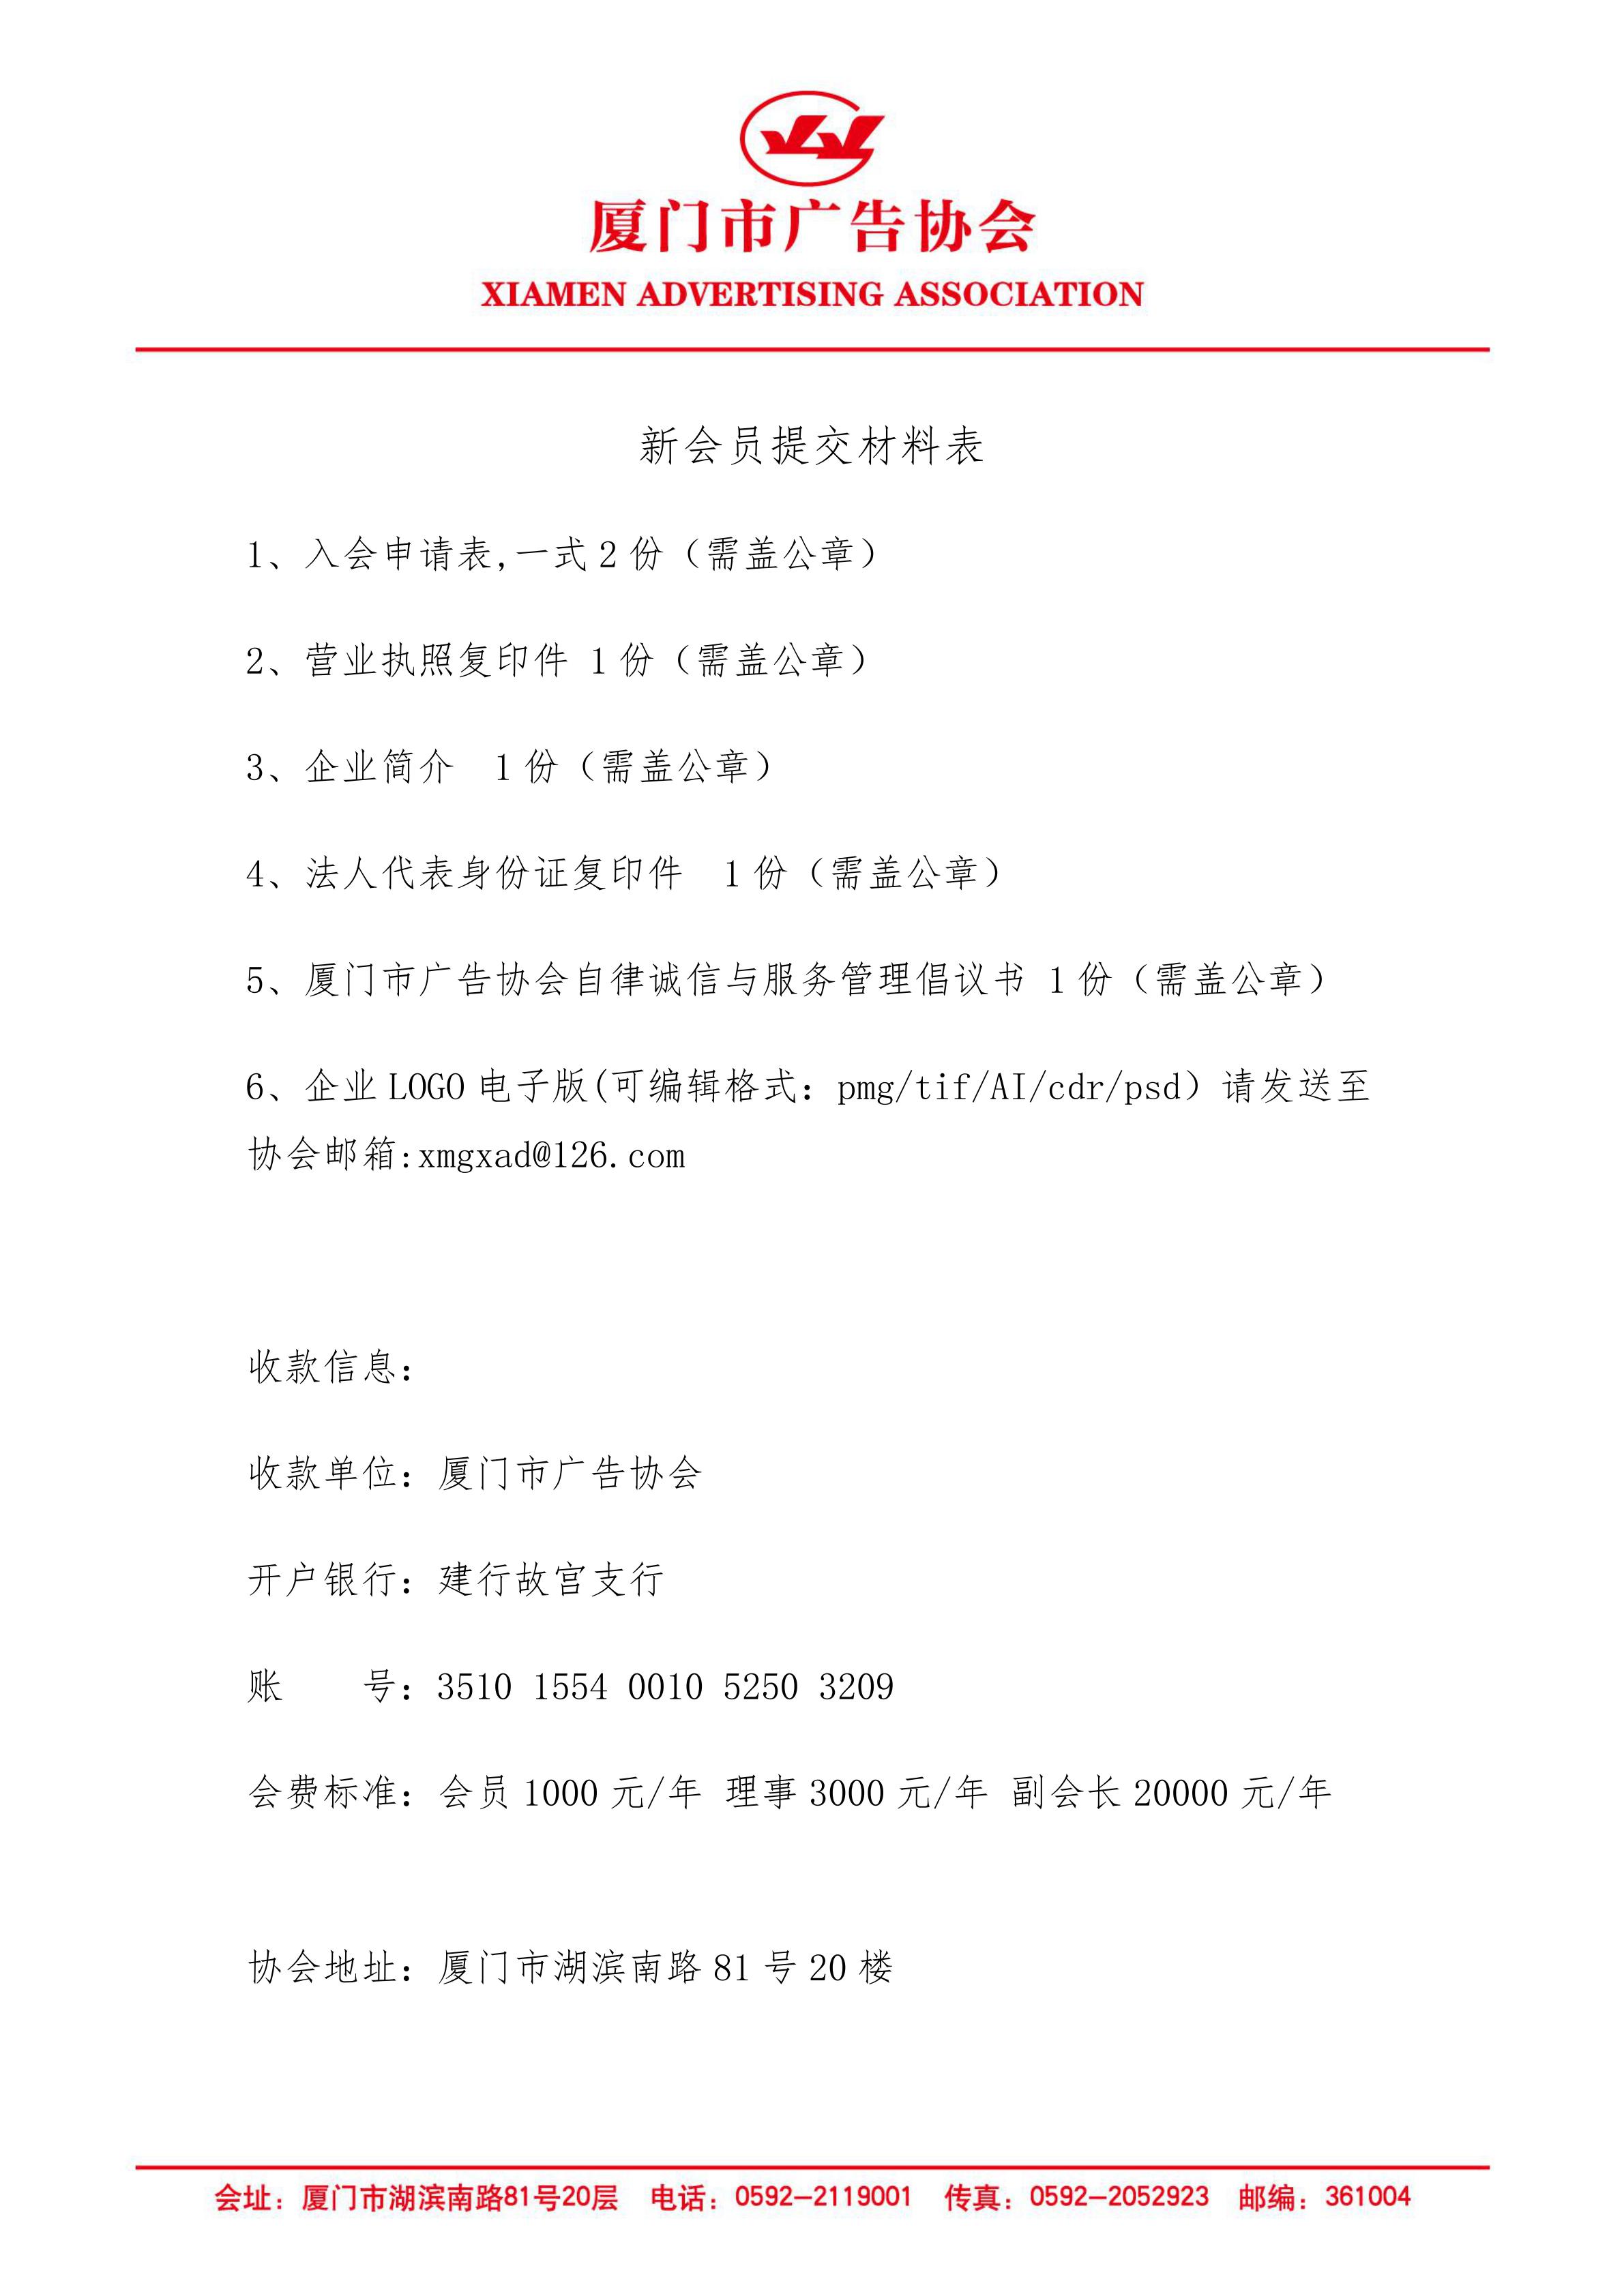 厦门市广告协会入会须知_00.png